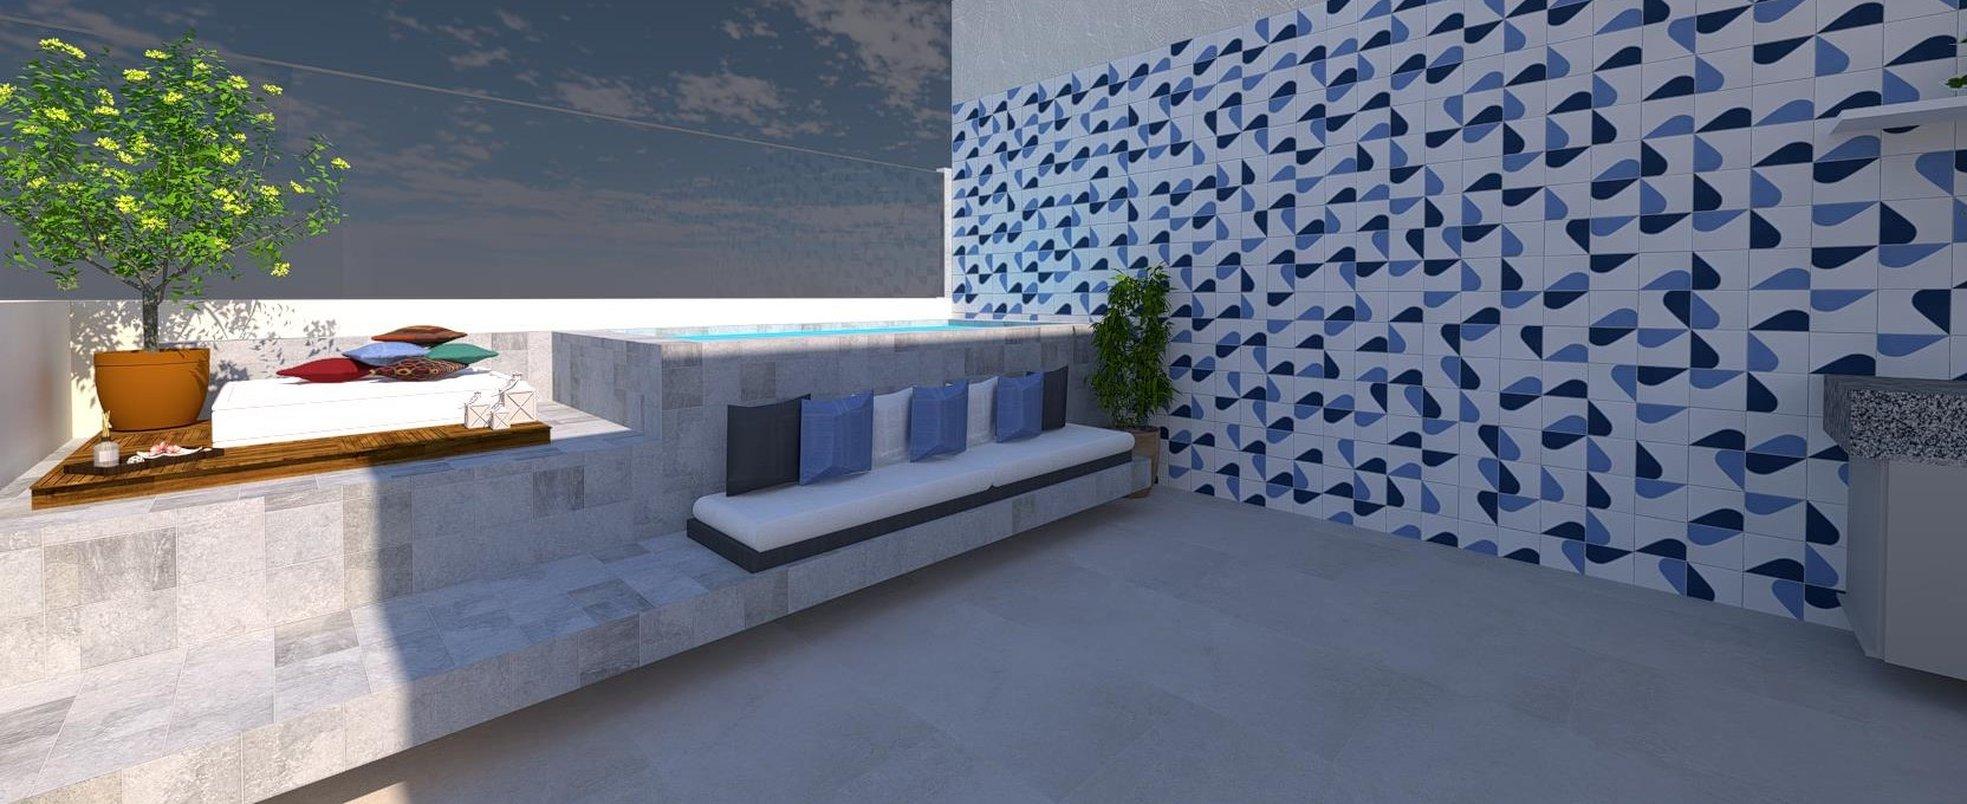 Projeto para área externa com revestimentos da Portobello. Um mix de cores e sensações.